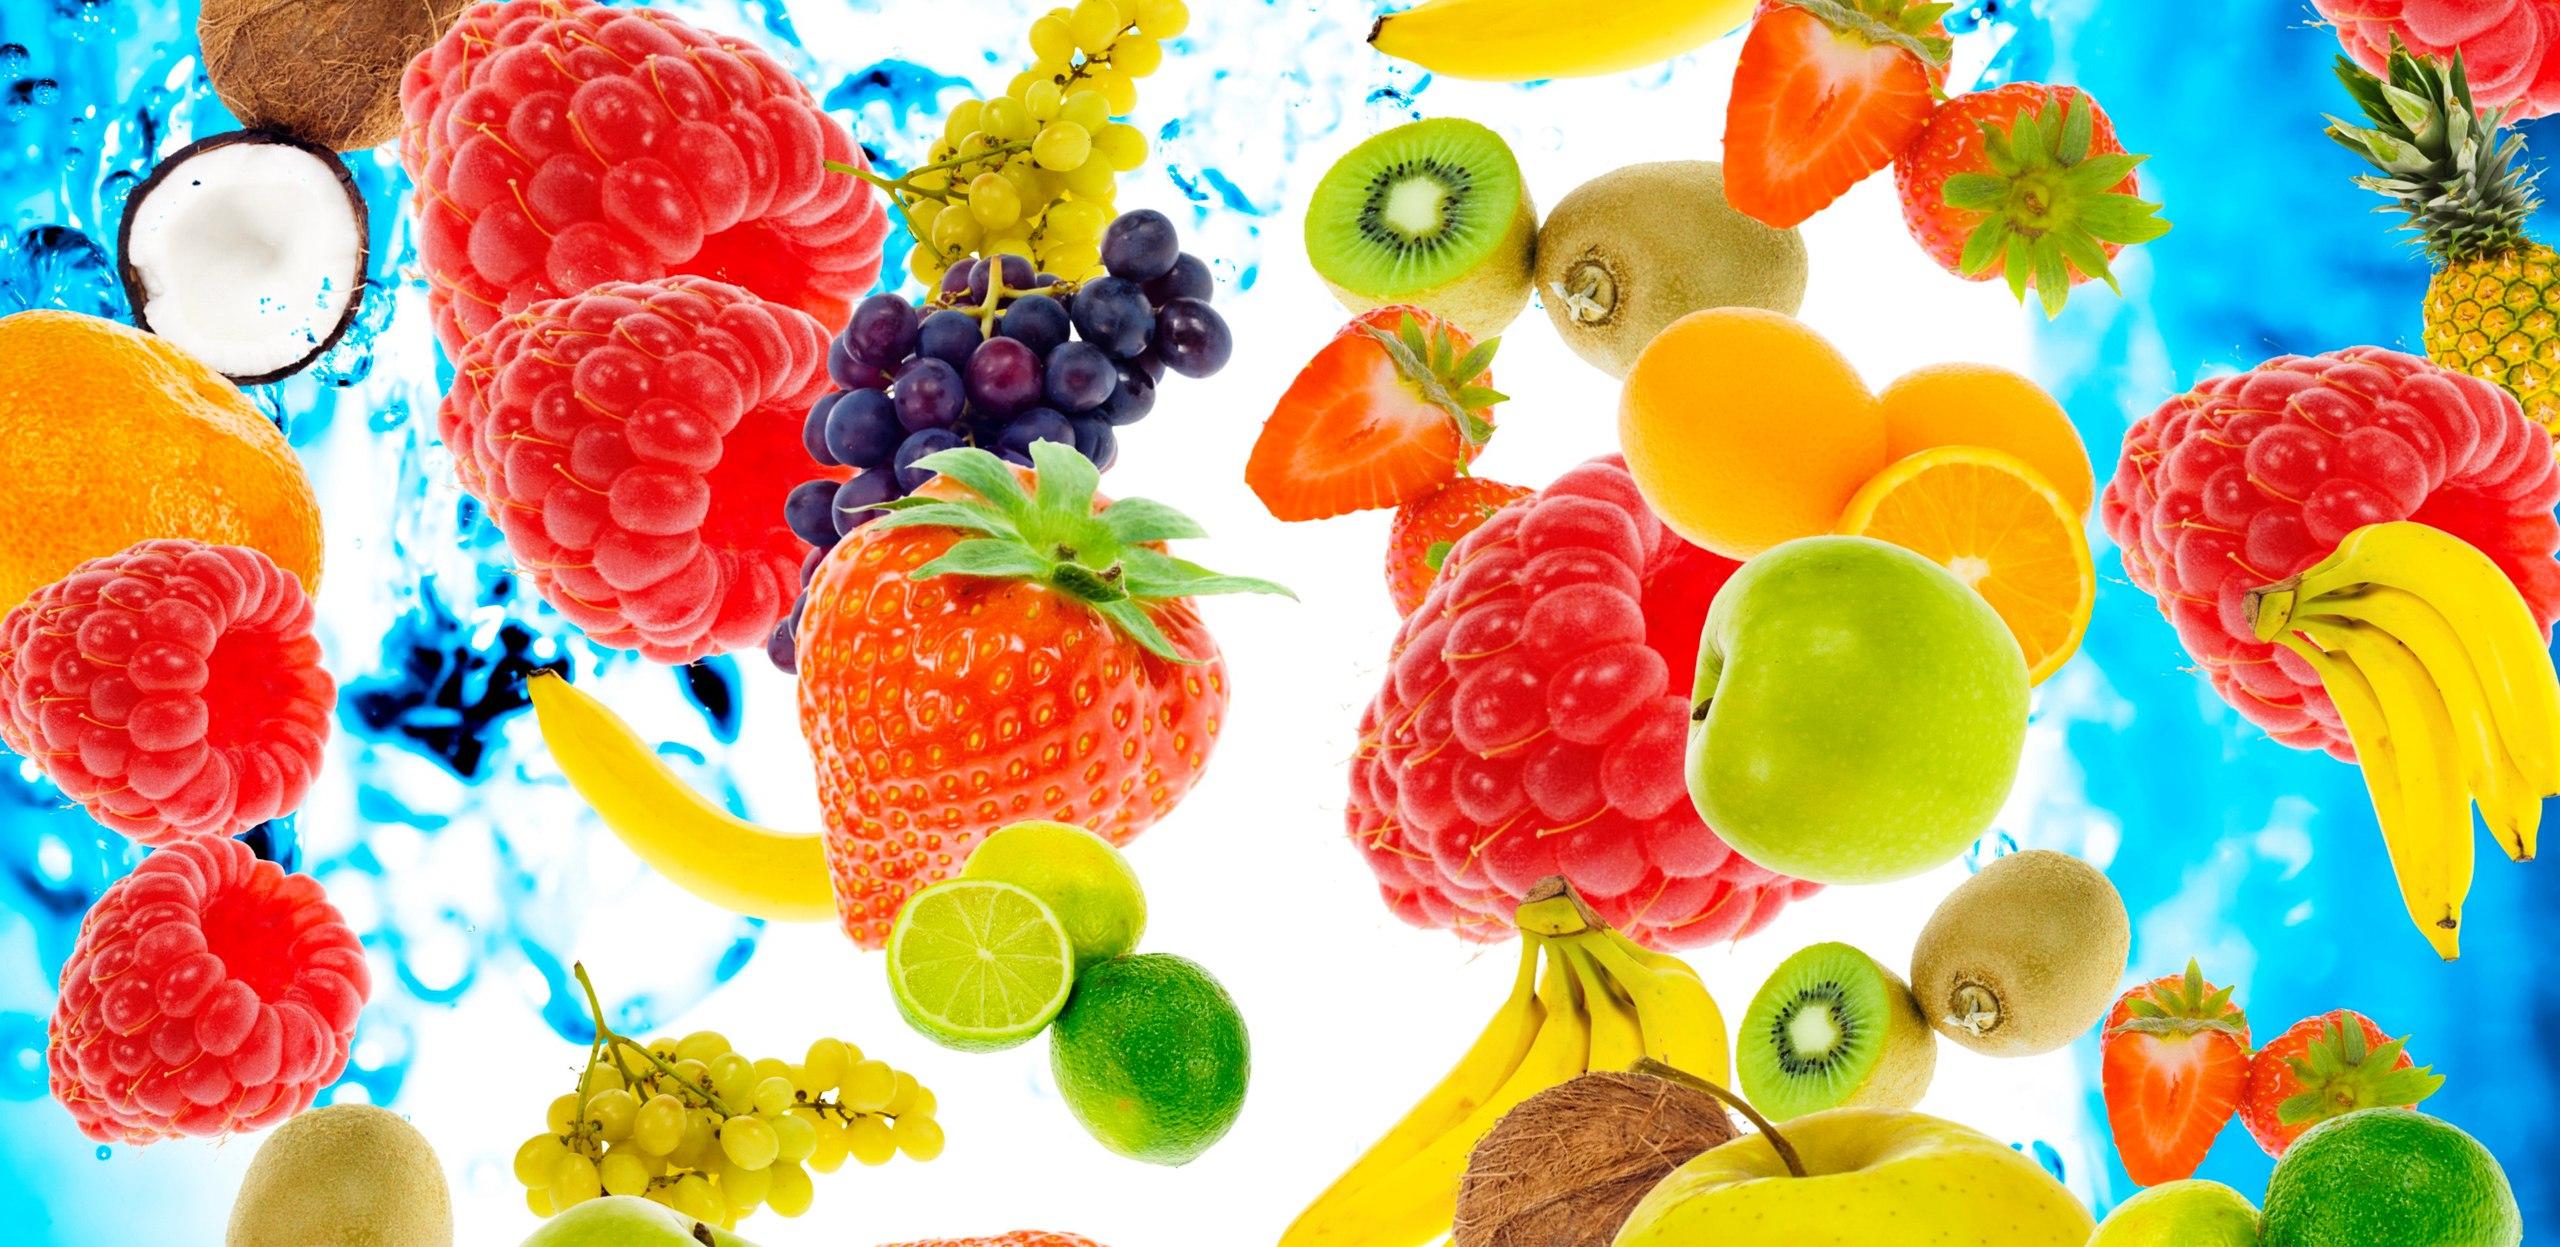 Список трав, витаминов и добавок